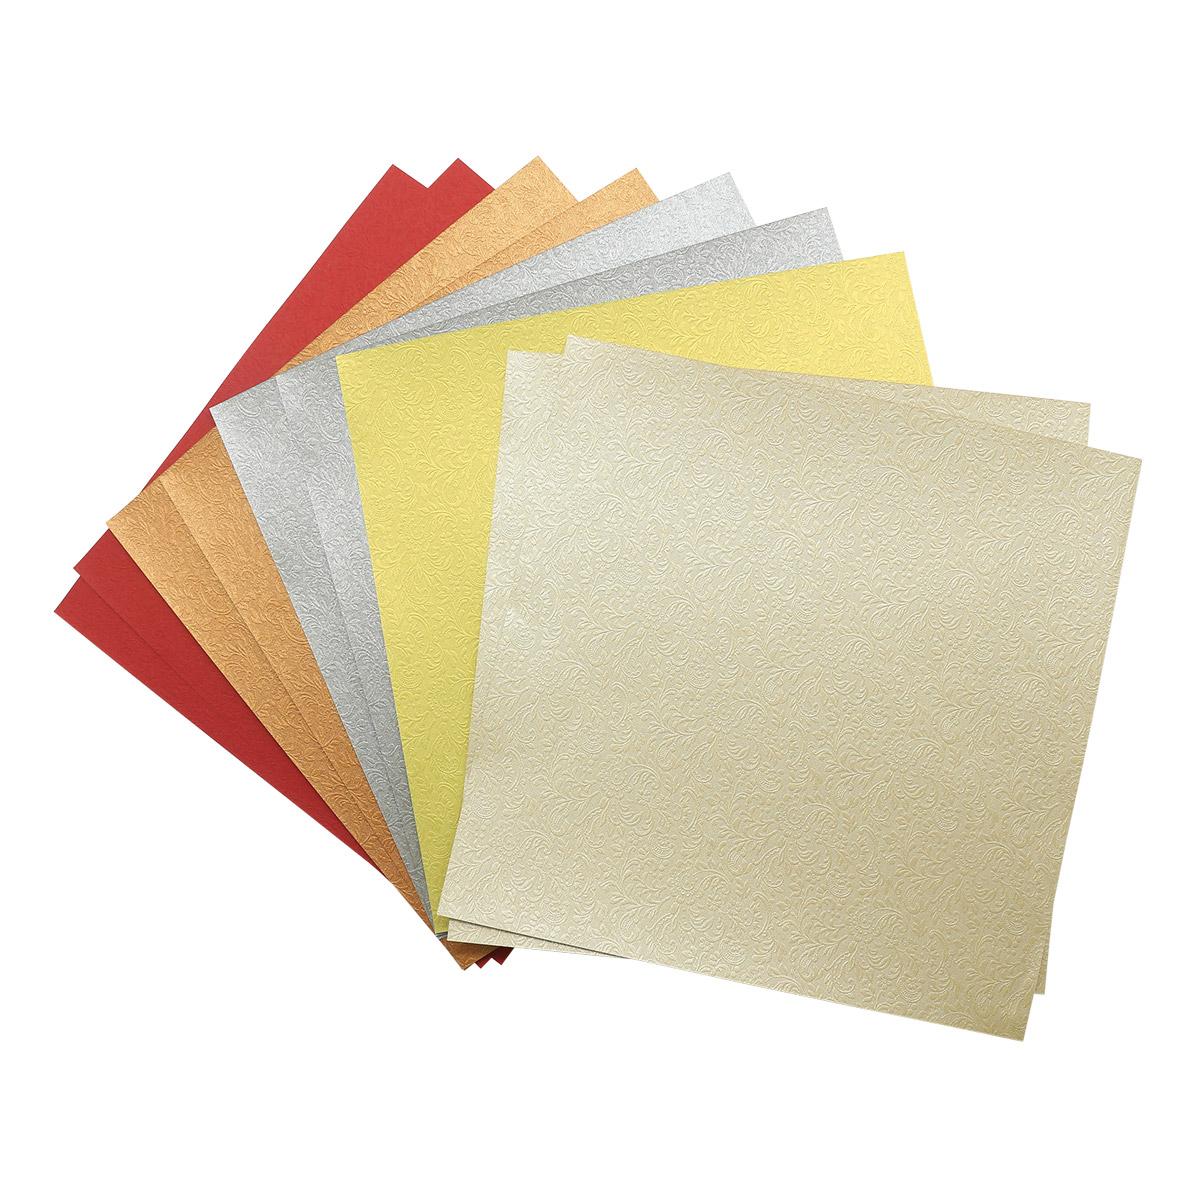 Текстурированная бумага для скрапбукинга 'Лунный цветок', 120 гр., 20*20 см, 'Астра'